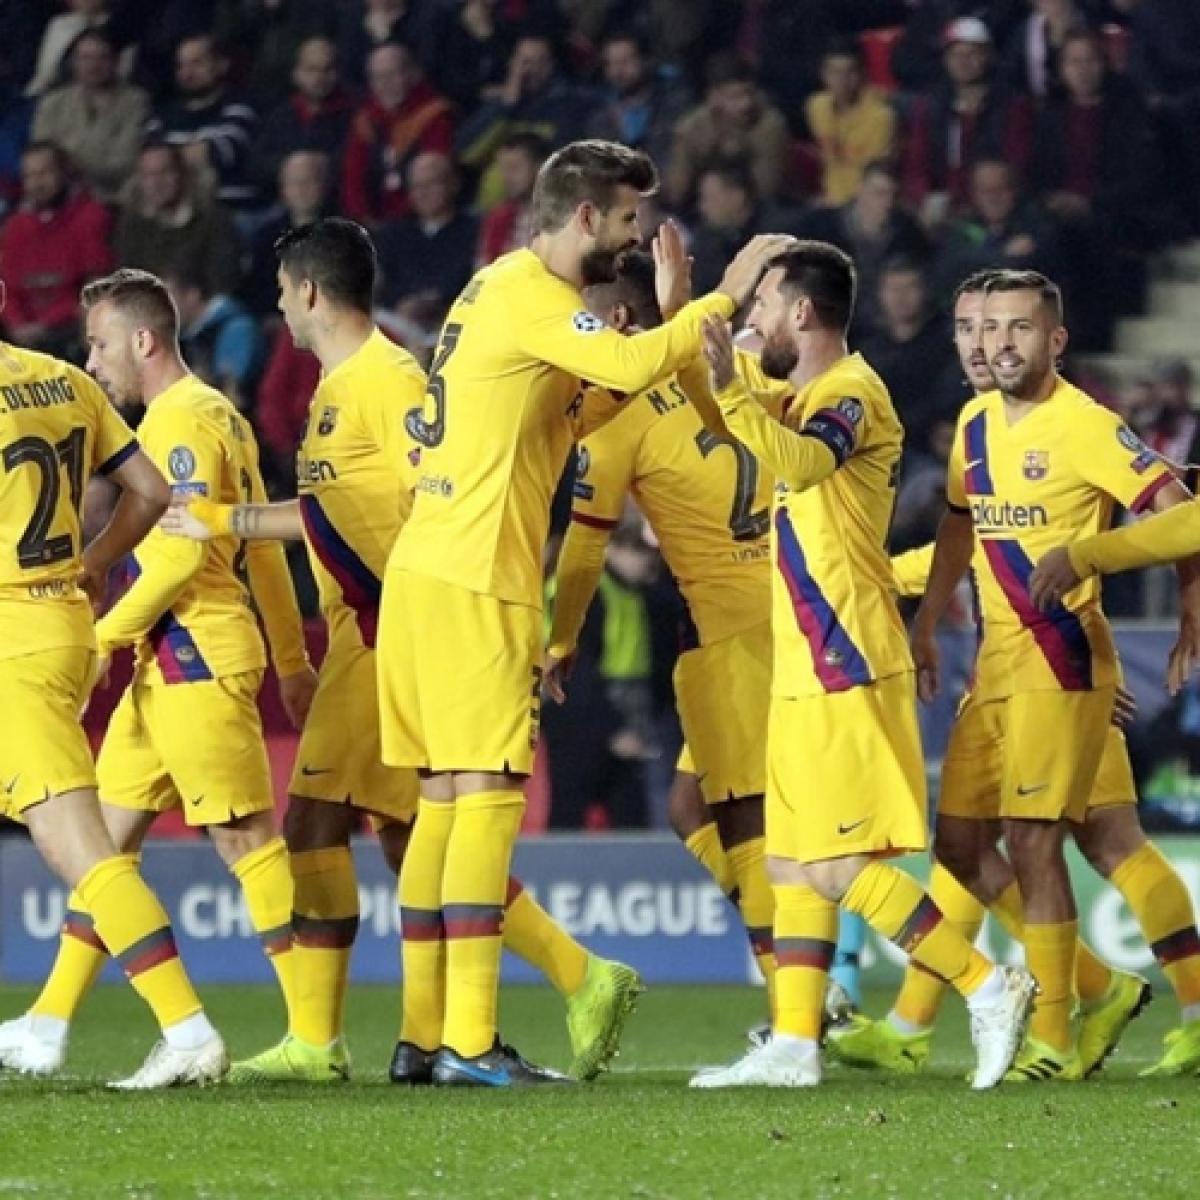 Barcelona struggle in 2-1 victory over Slavia Prague